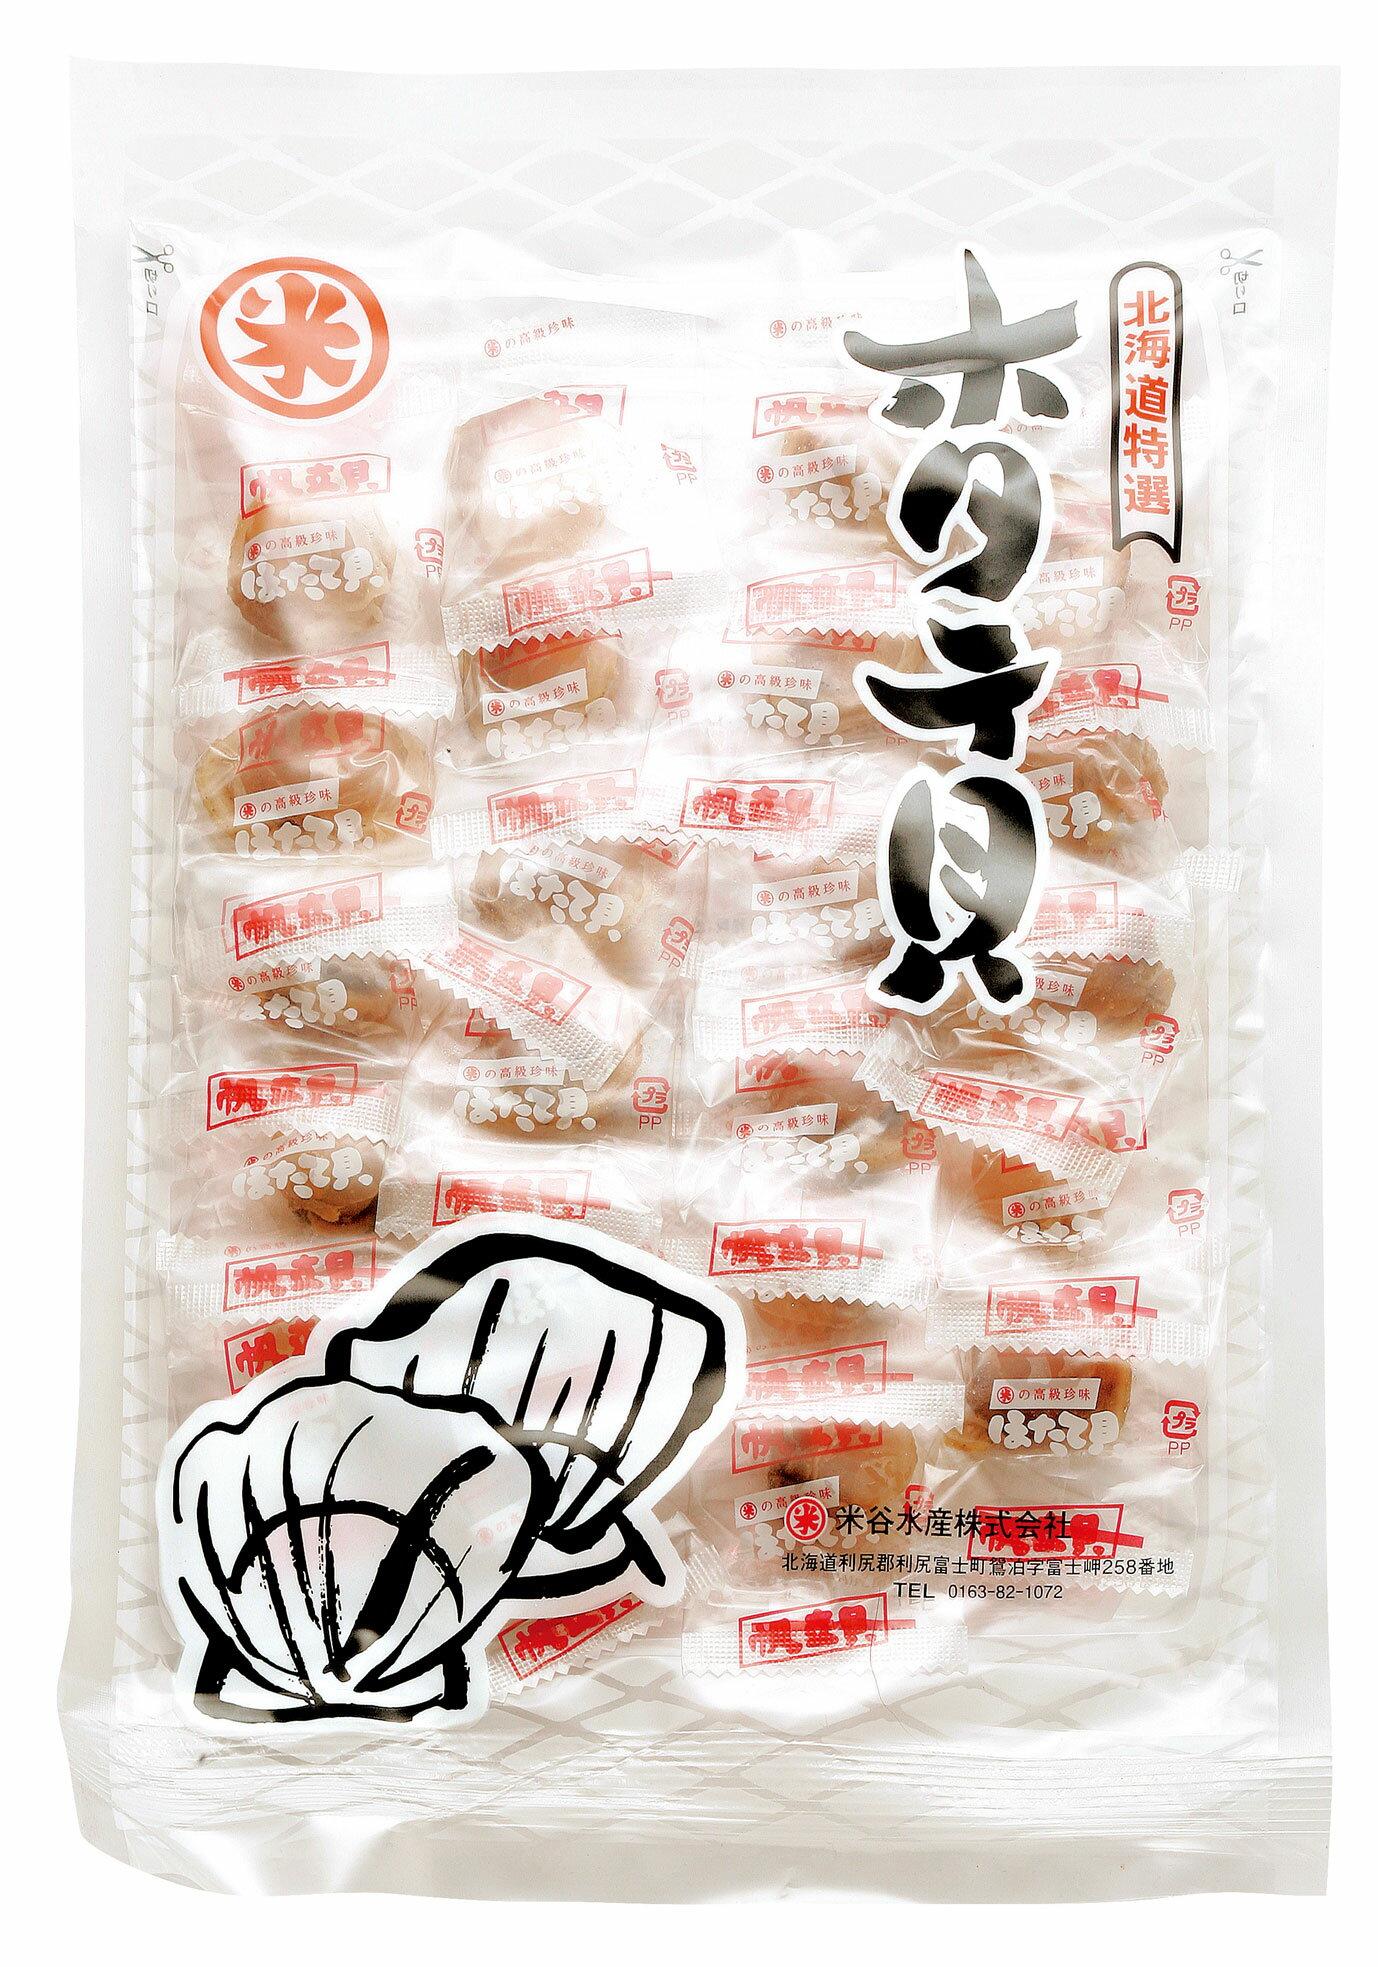 【米穀水產】北海道特選帆立貝干貝糖 150g 日本人氣零嘴 空運直送 =預購 4 / 8左右出貨= 0